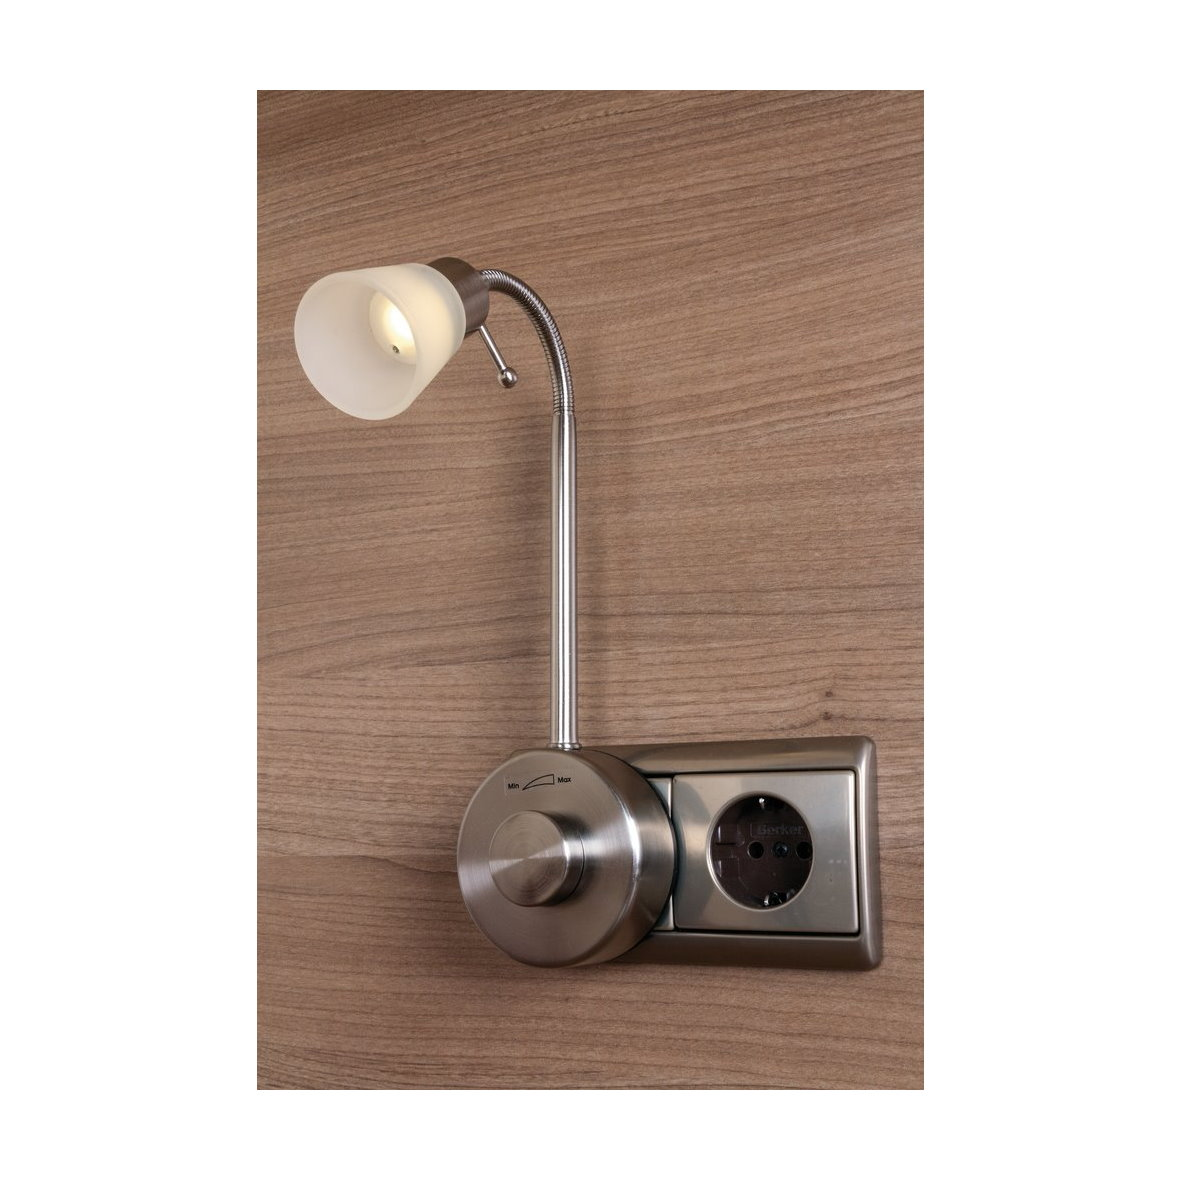 lampe mit steckdose lampe f r badezimmer mit steckdose